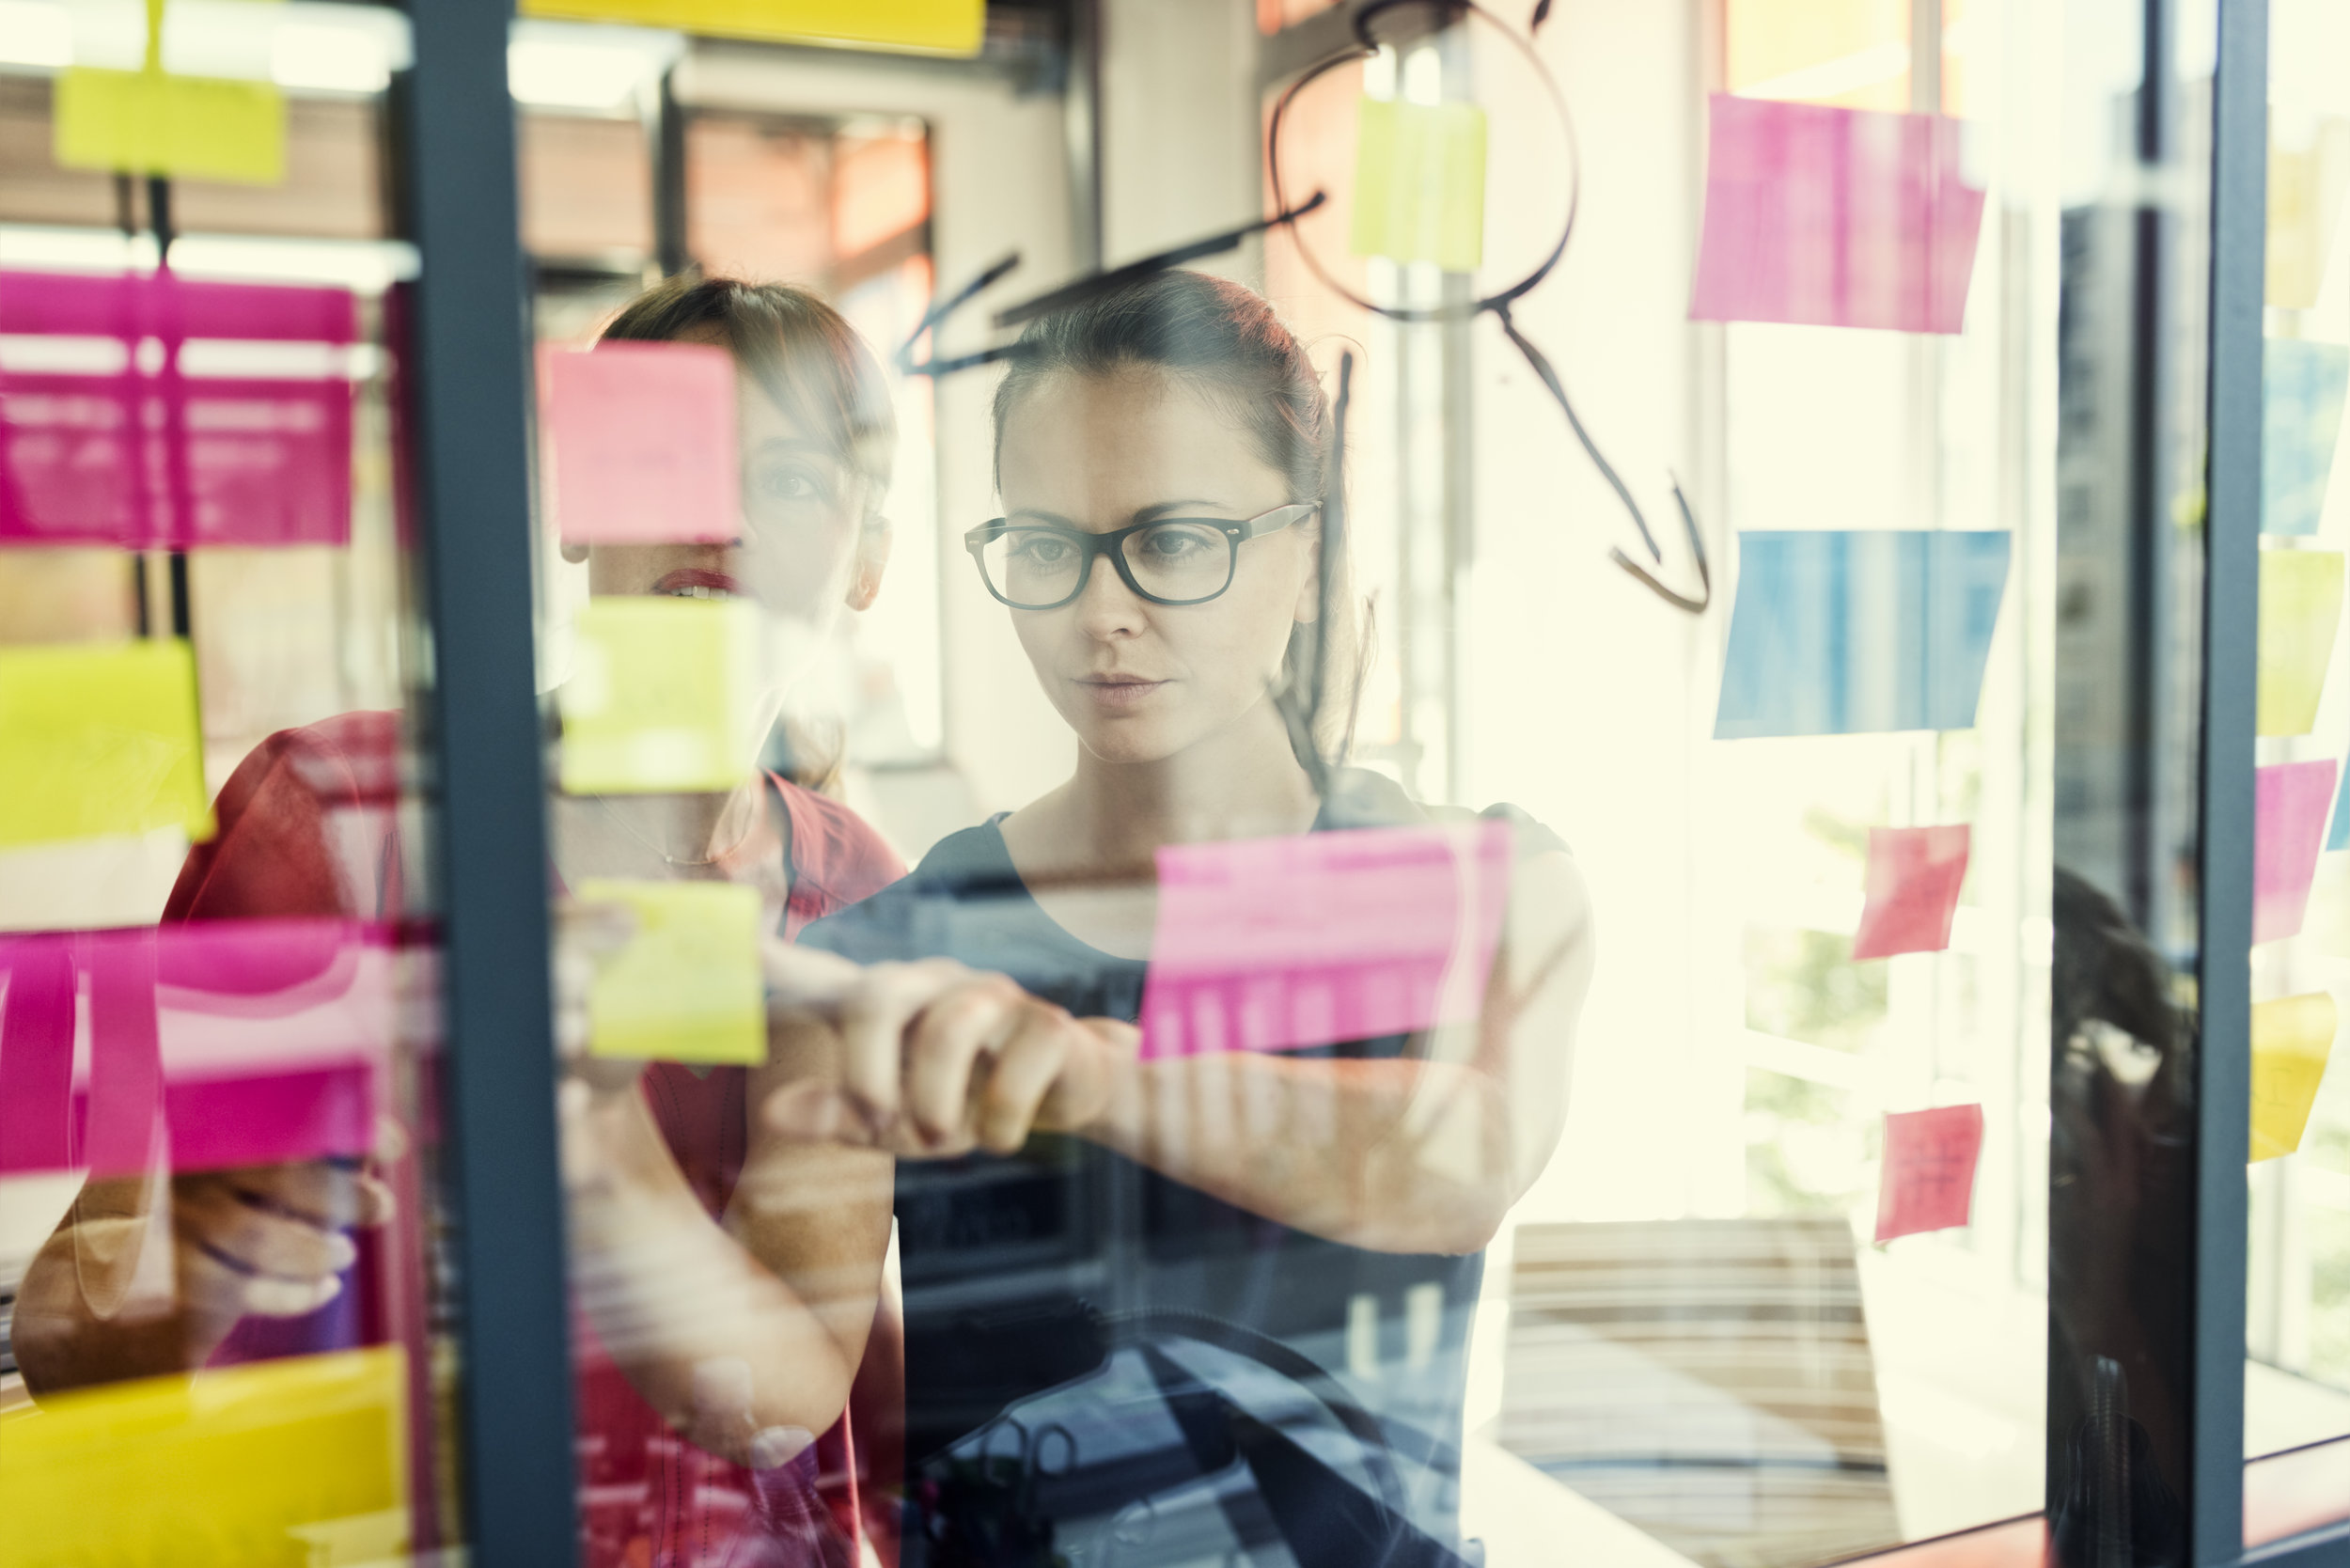 women-entrepreneurs-charleston-eisenhower-quadrant-productivity.jpg